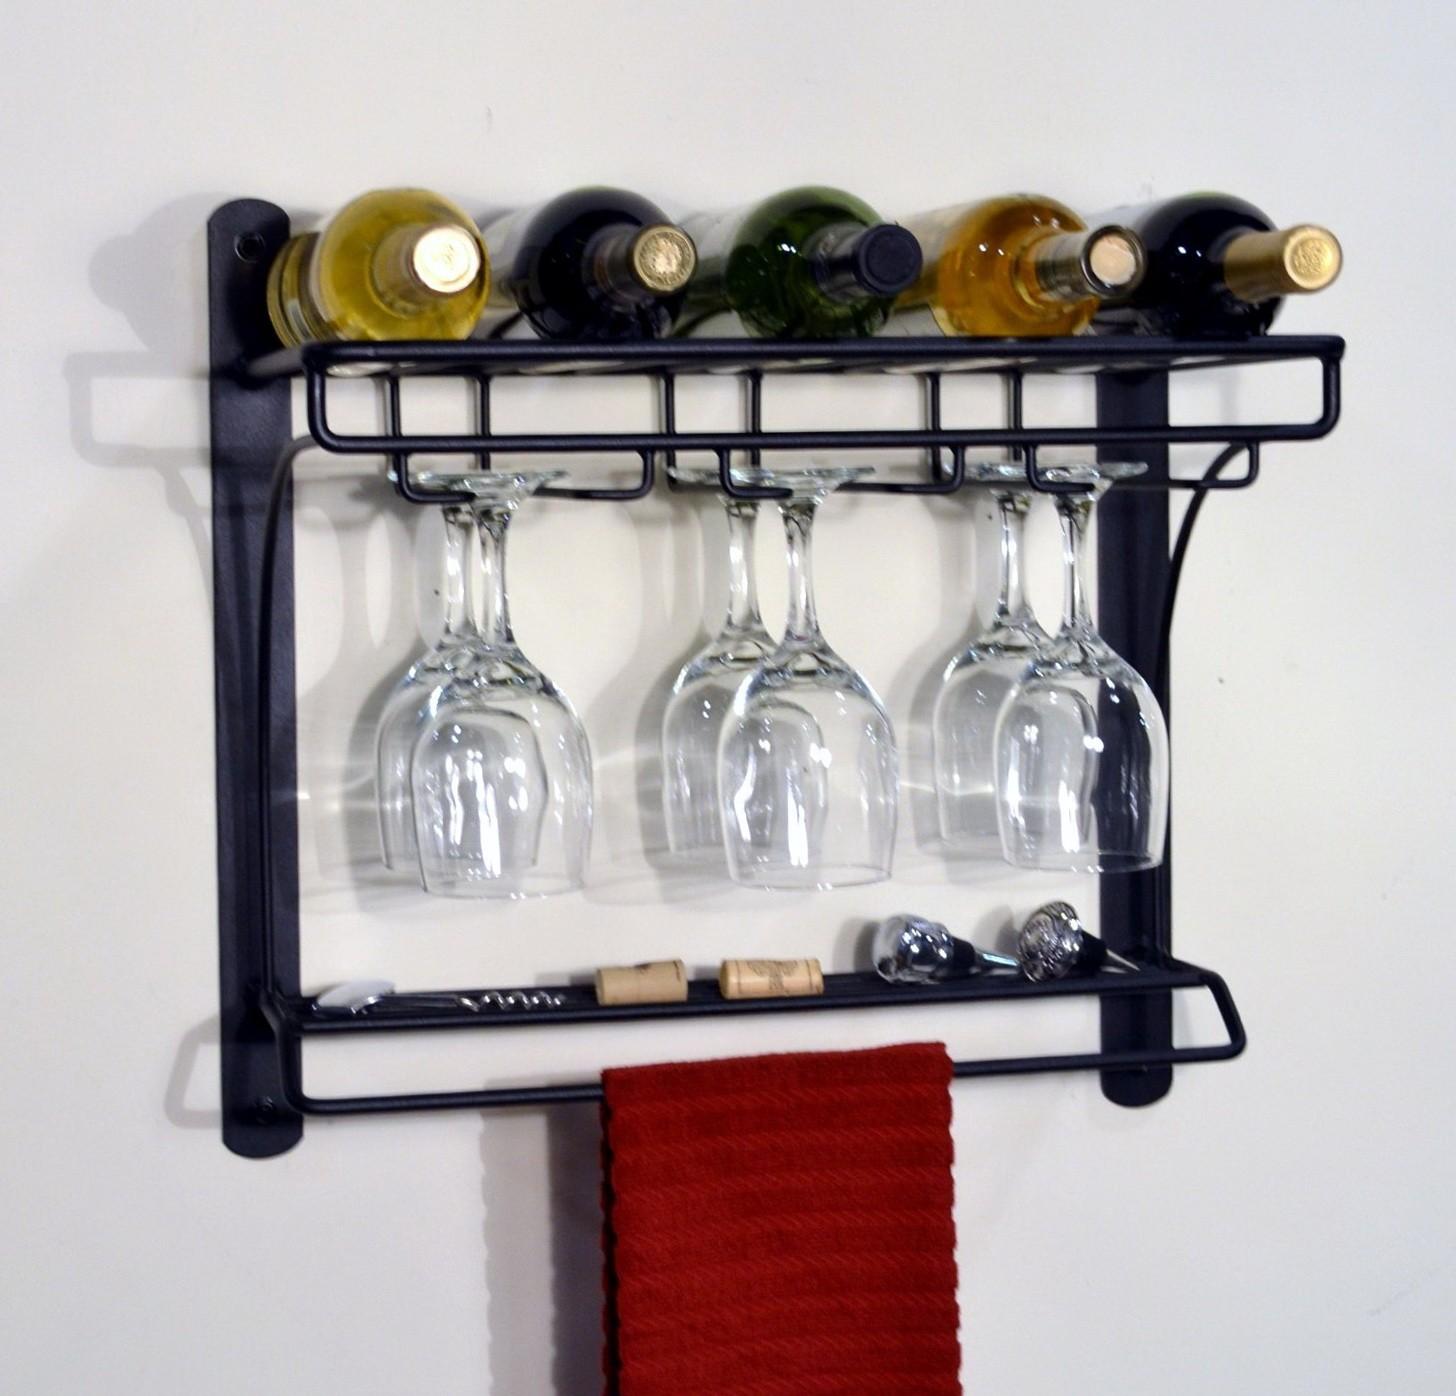 spisestue-interiør-ideer-køkken-ikea-vin-stativer-og-simple-vægmonteret-sort-poleret-med-glas-bøjle-også-vintage-view-vin-racks-big-ideer-for- små-vin-stativer